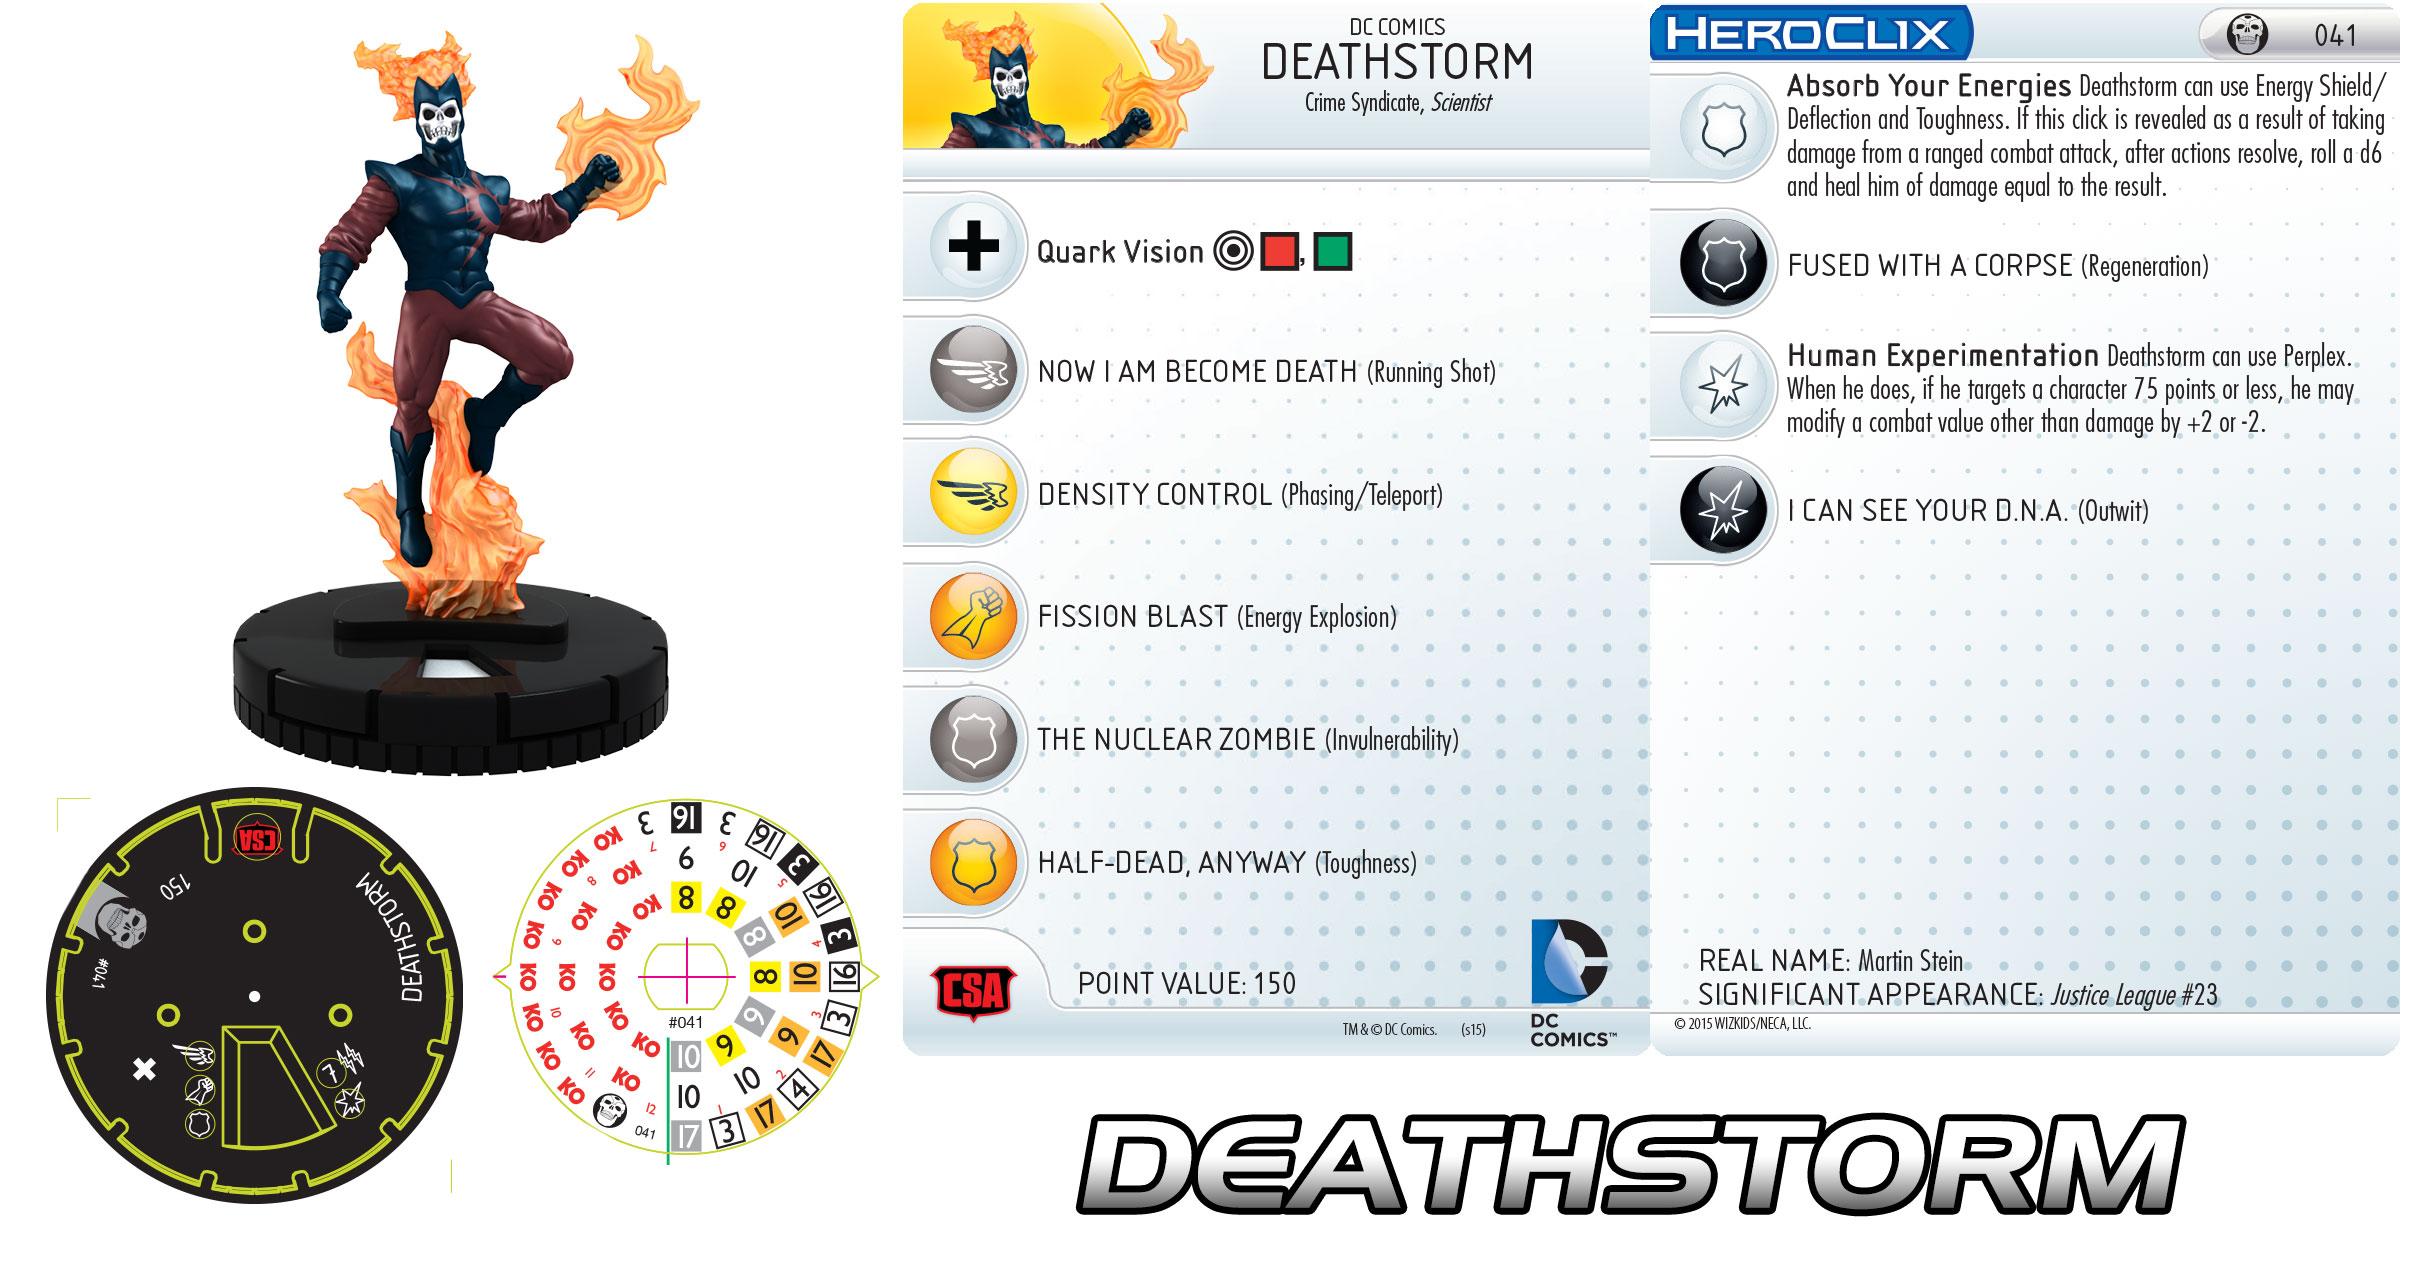 heroclix-deathstorm.jpg